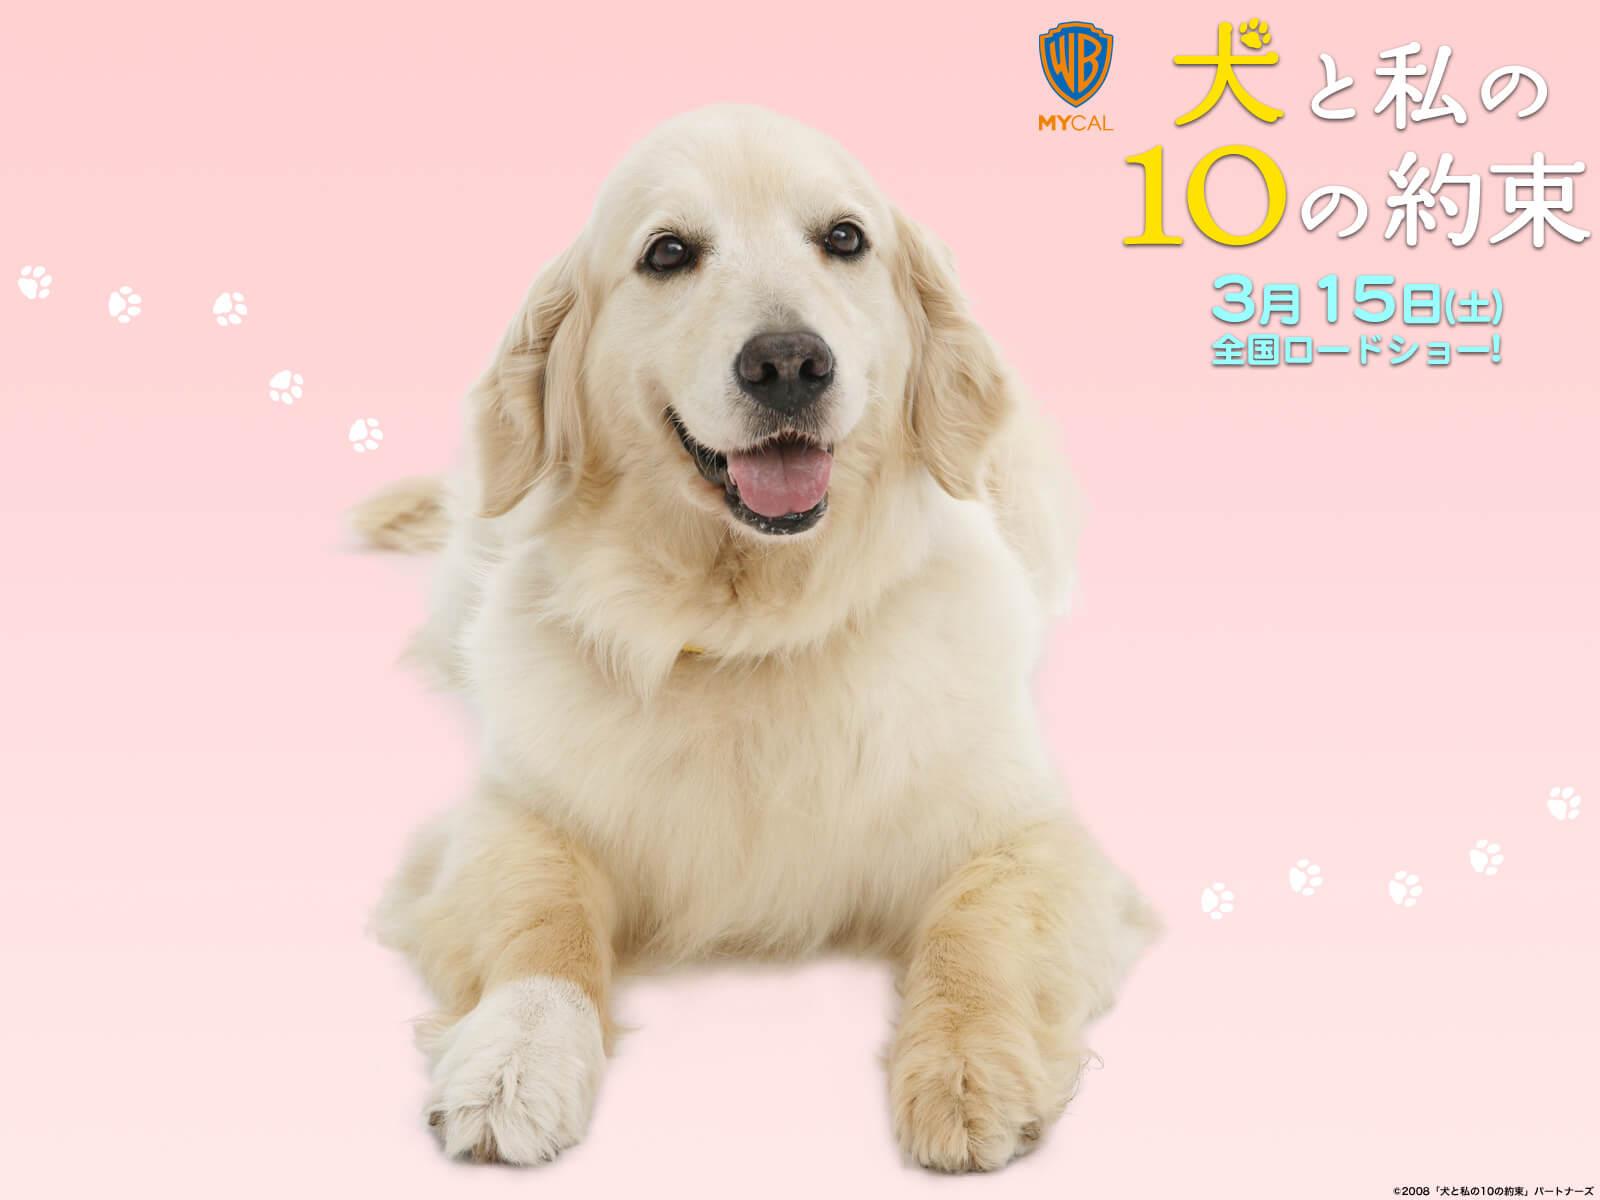 犬の十戒ポスター 成犬 ゴールデンレトリバー